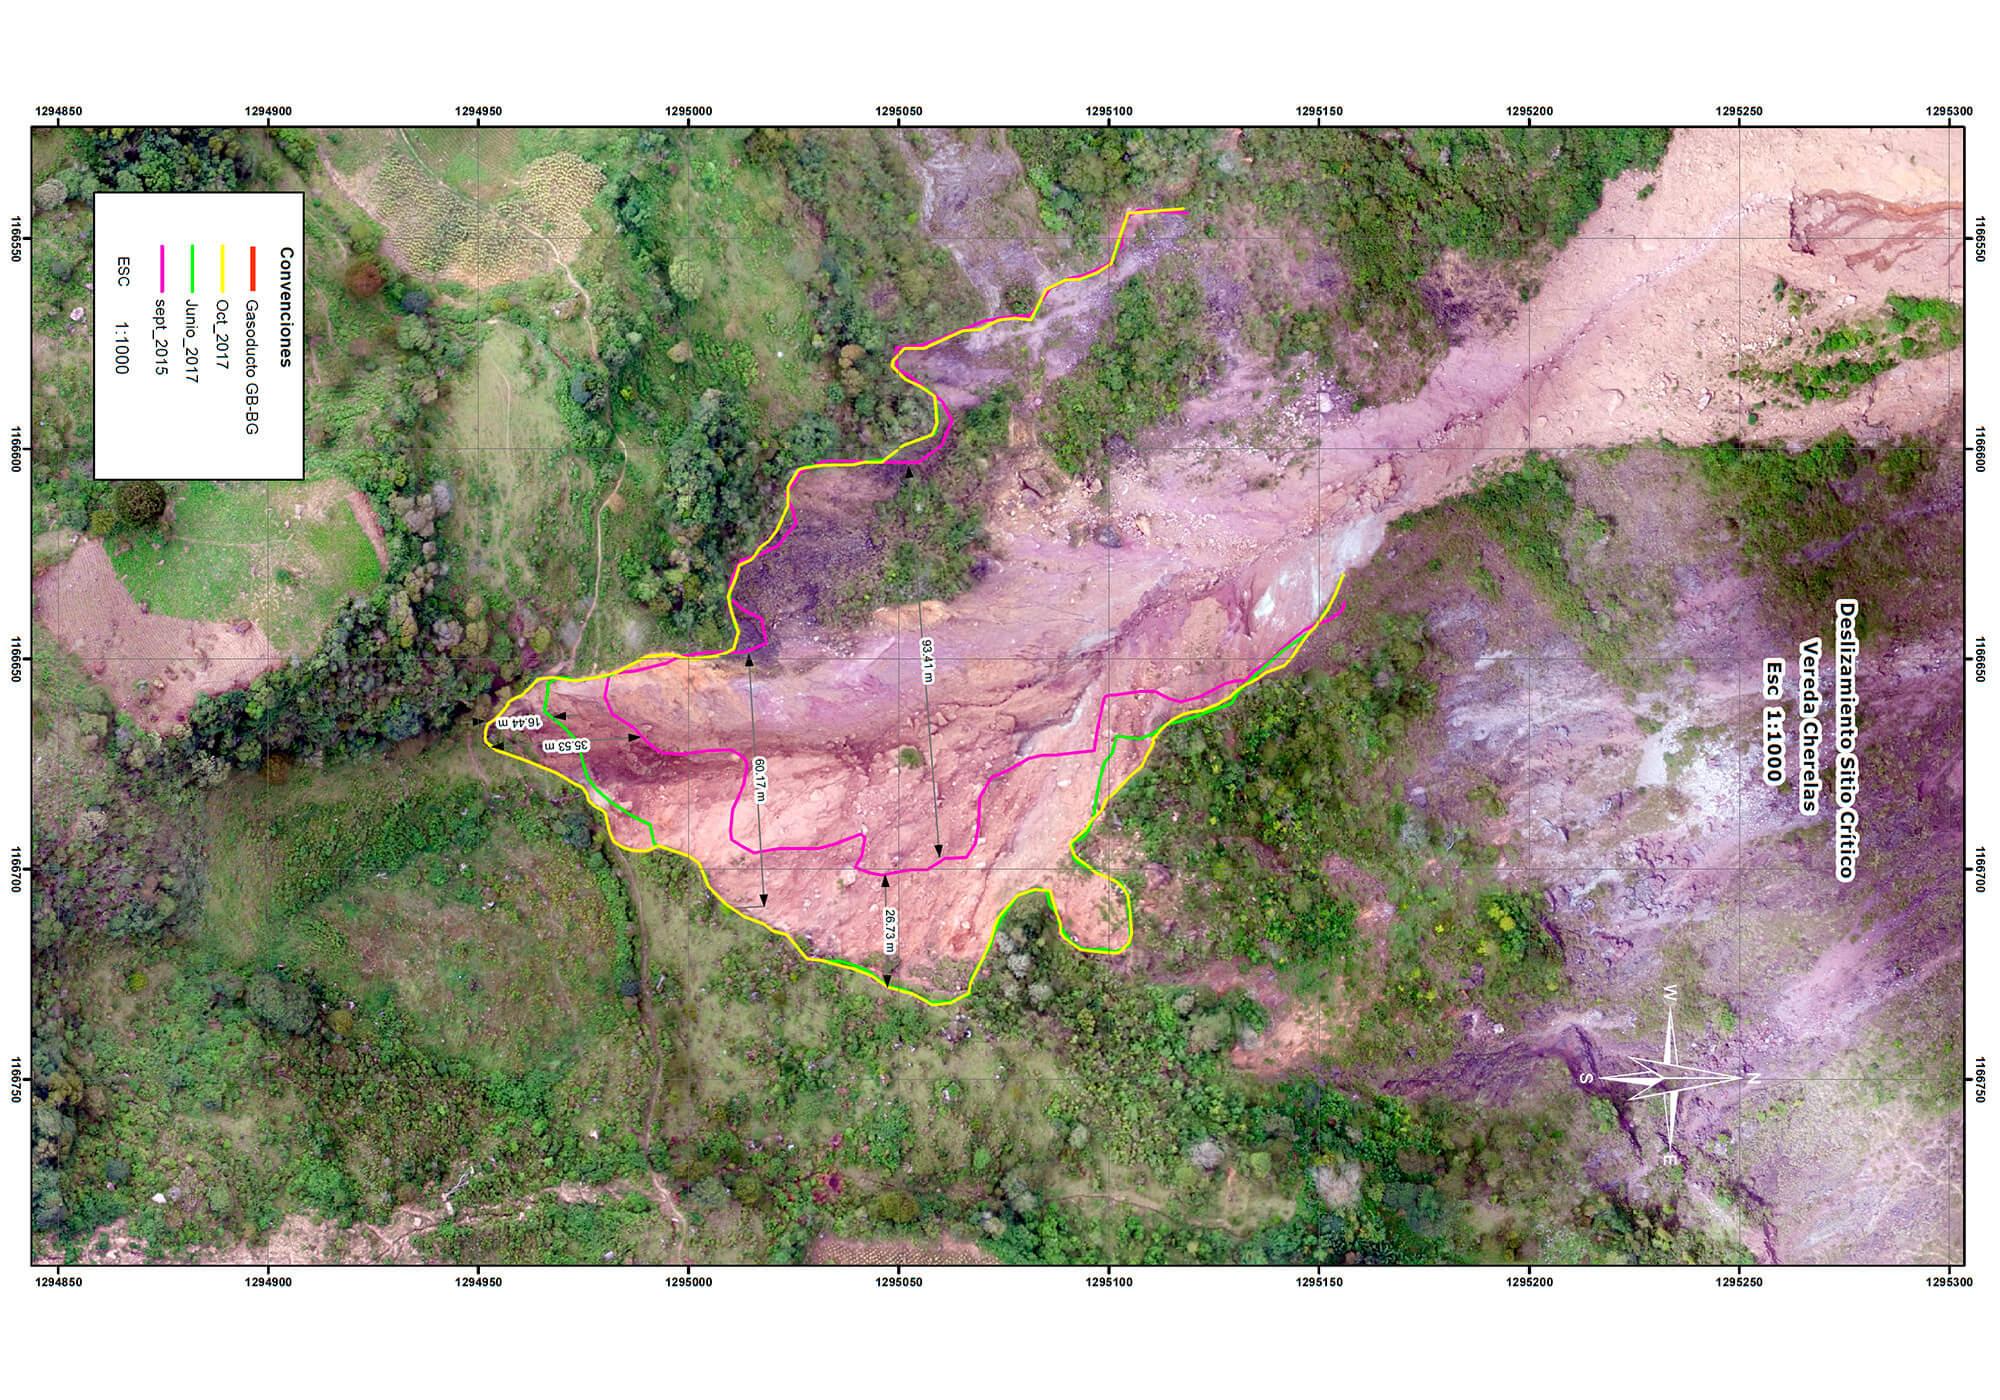 Monitoreo Geotecnico con Drone